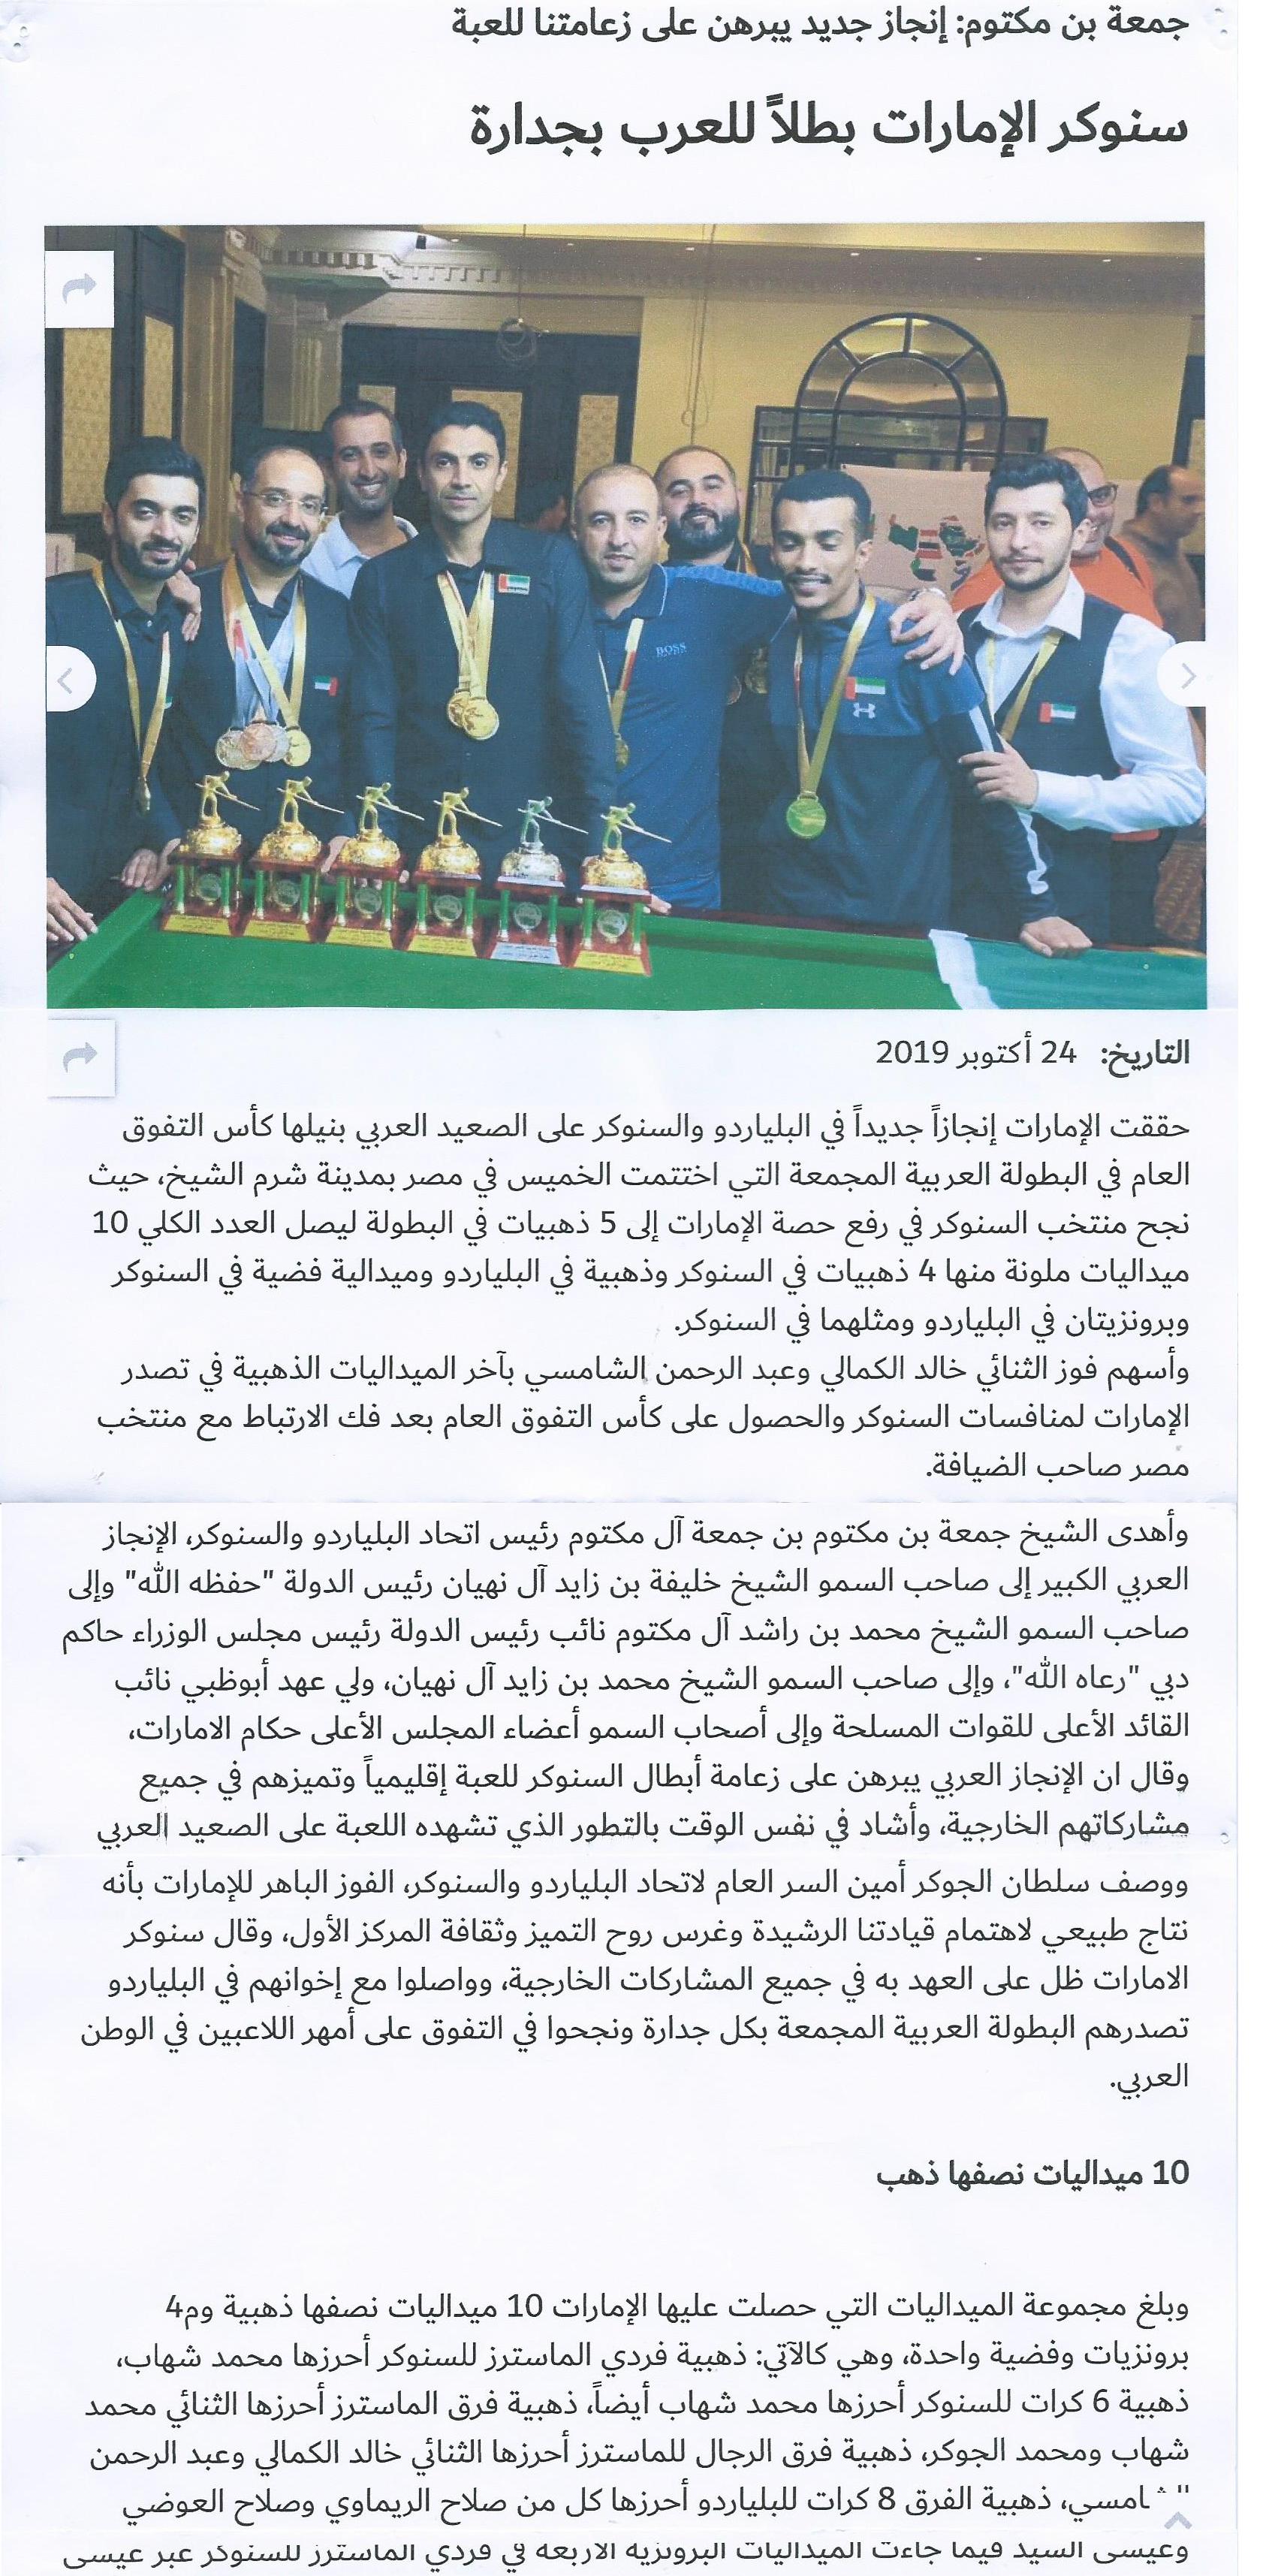 جمعة بن مكتوم: إنجاز جديد يبرهن على زعامتنا للعبة - سنوكر الإمارات بطلاً للعرب بجدارة